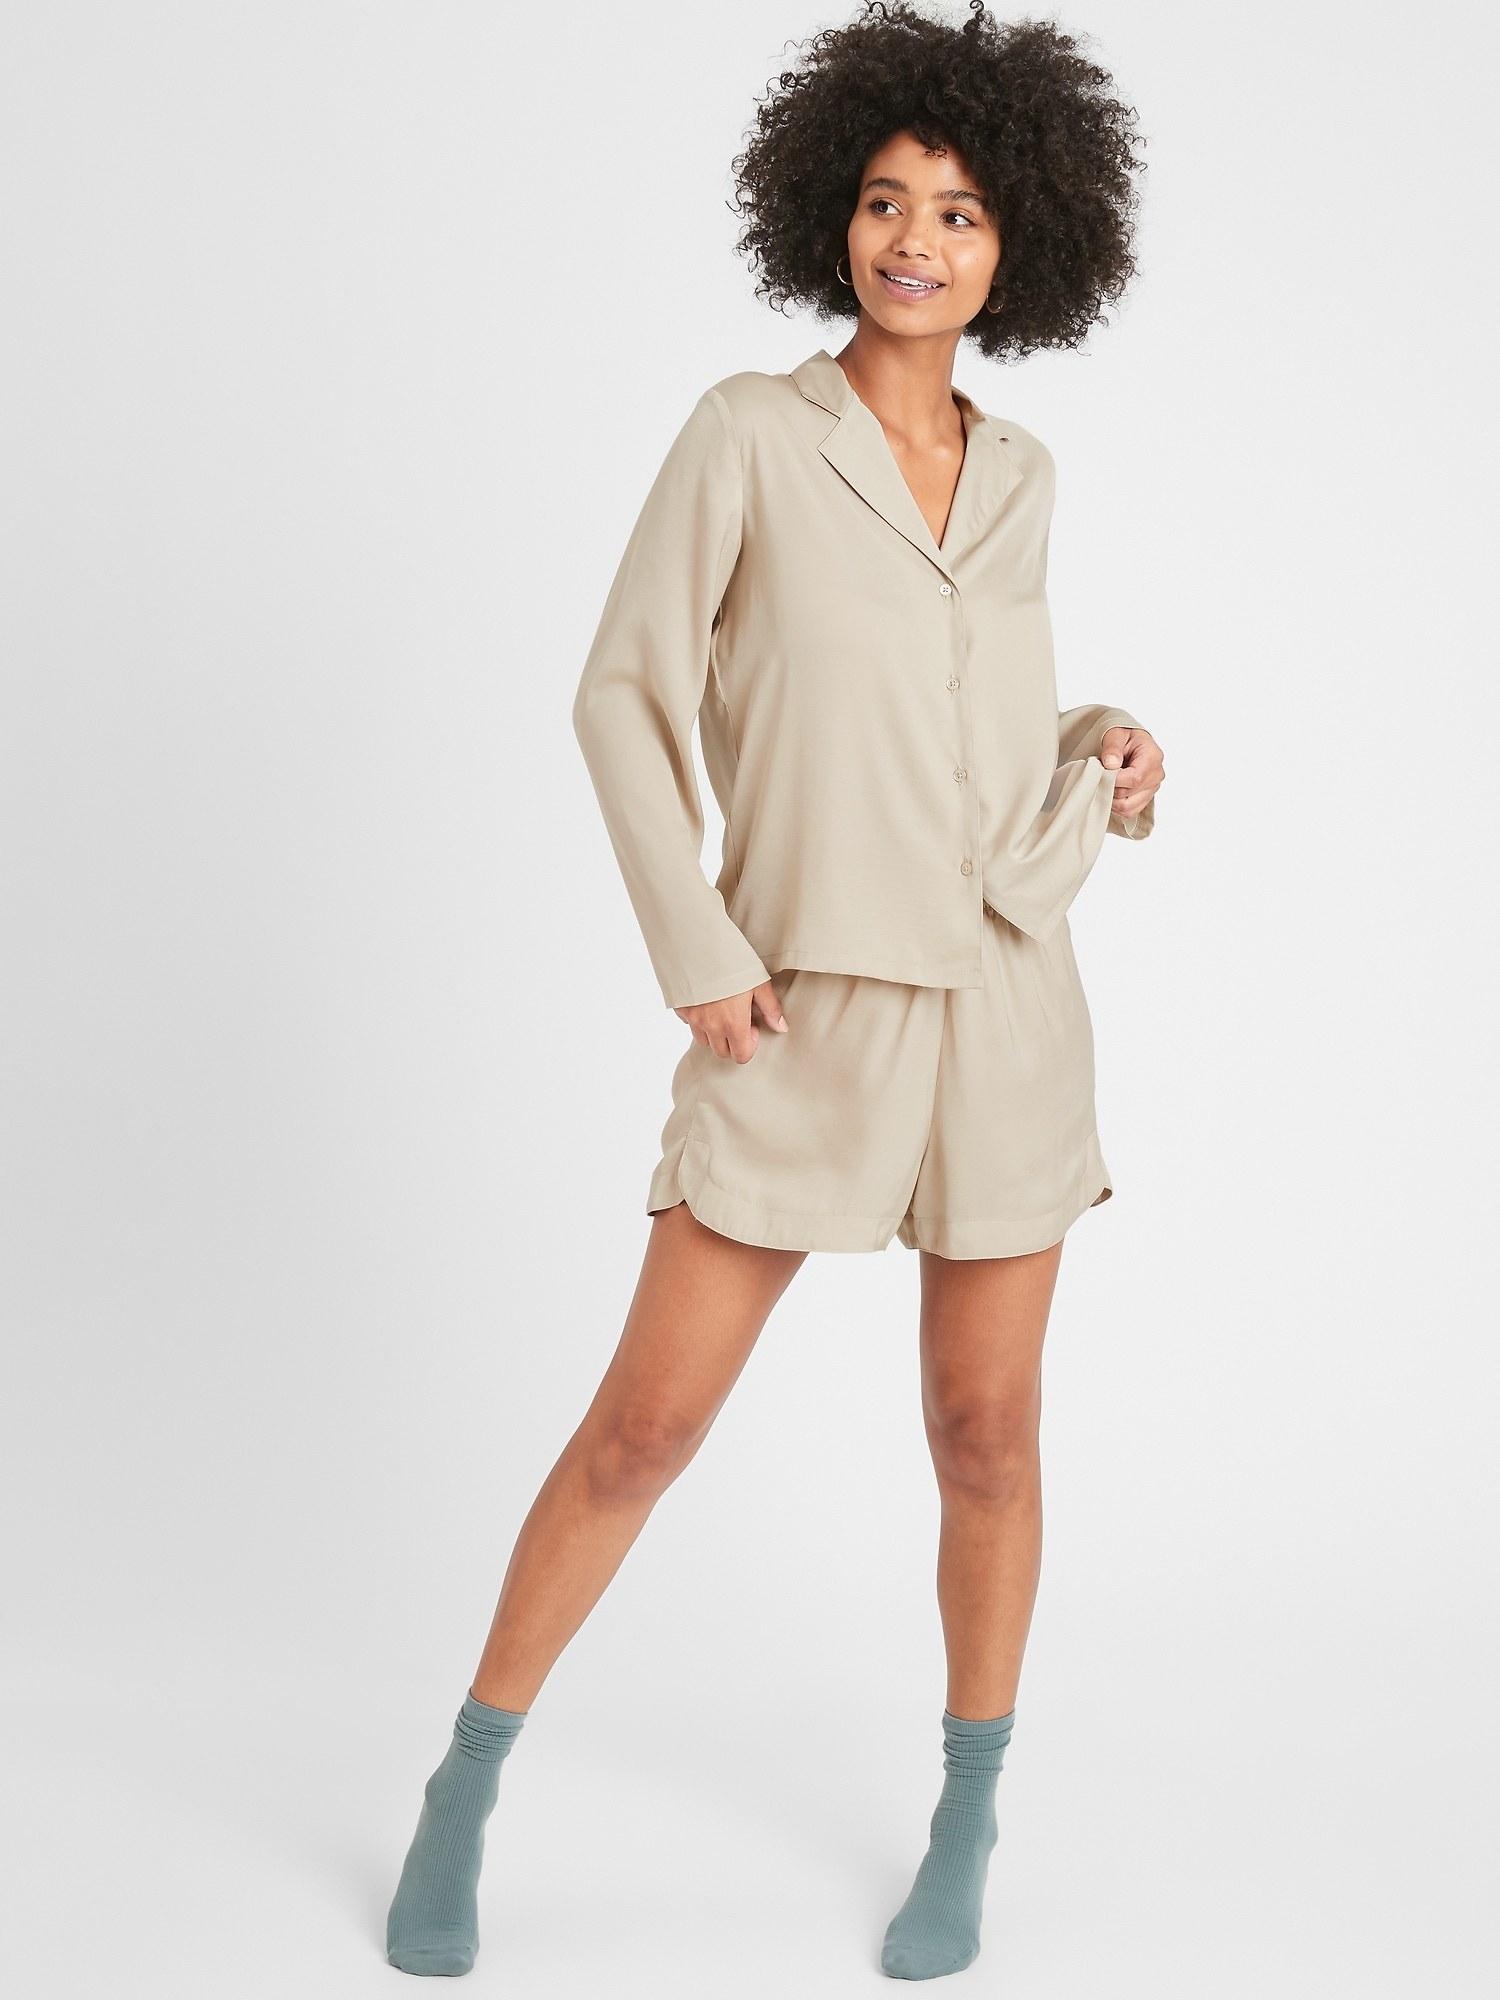 Model in the flowy PJ set in a beige-tan